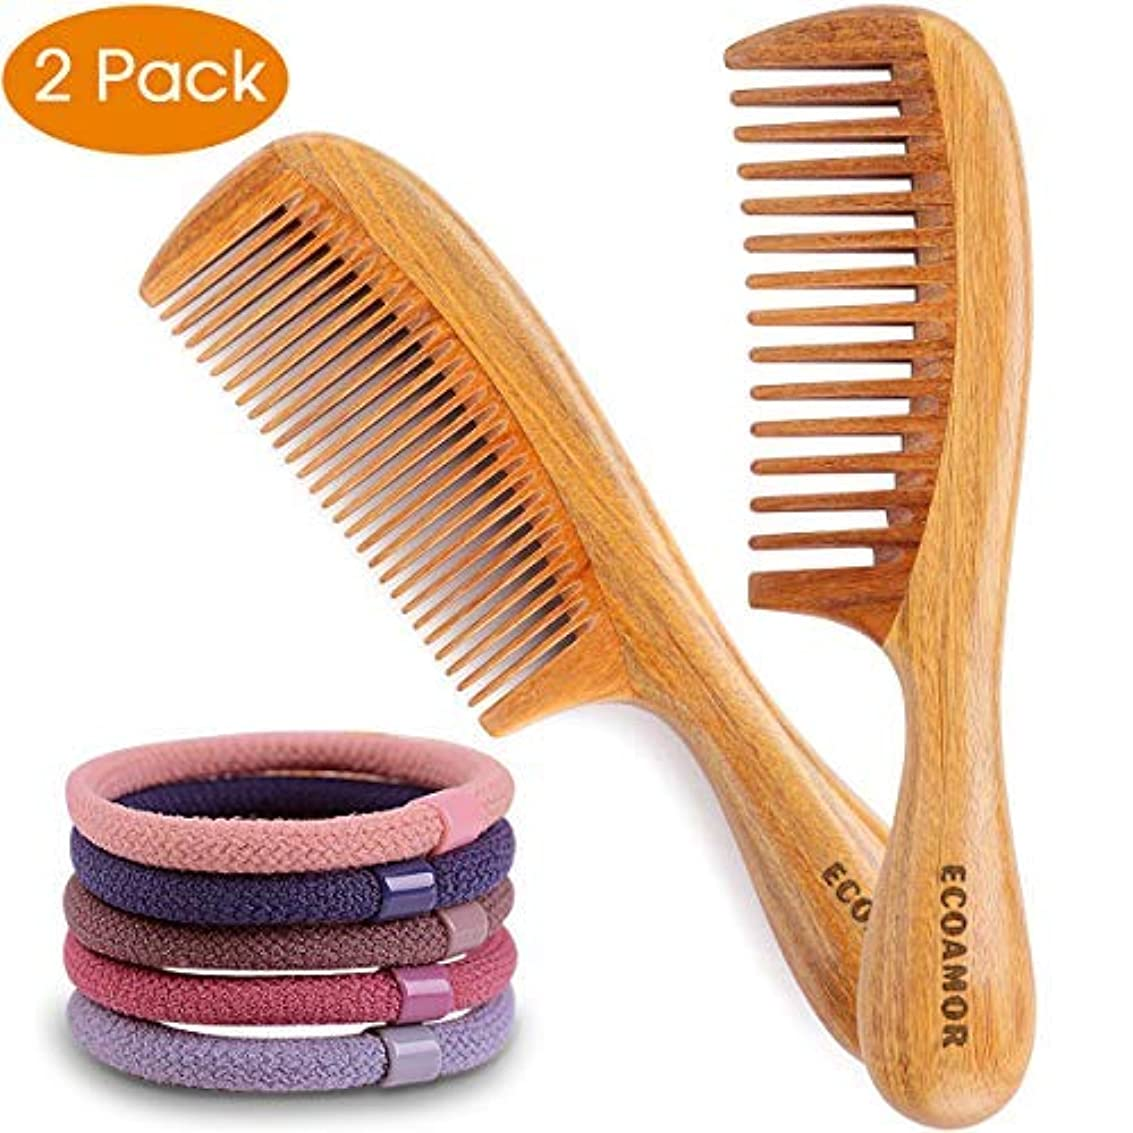 増加する承認結果としてECOAMOR Handmade Green Sandalwood Wide & Fine Tooth Hair Comb for Men Women and Kids - No Snags, No Tangle, No...